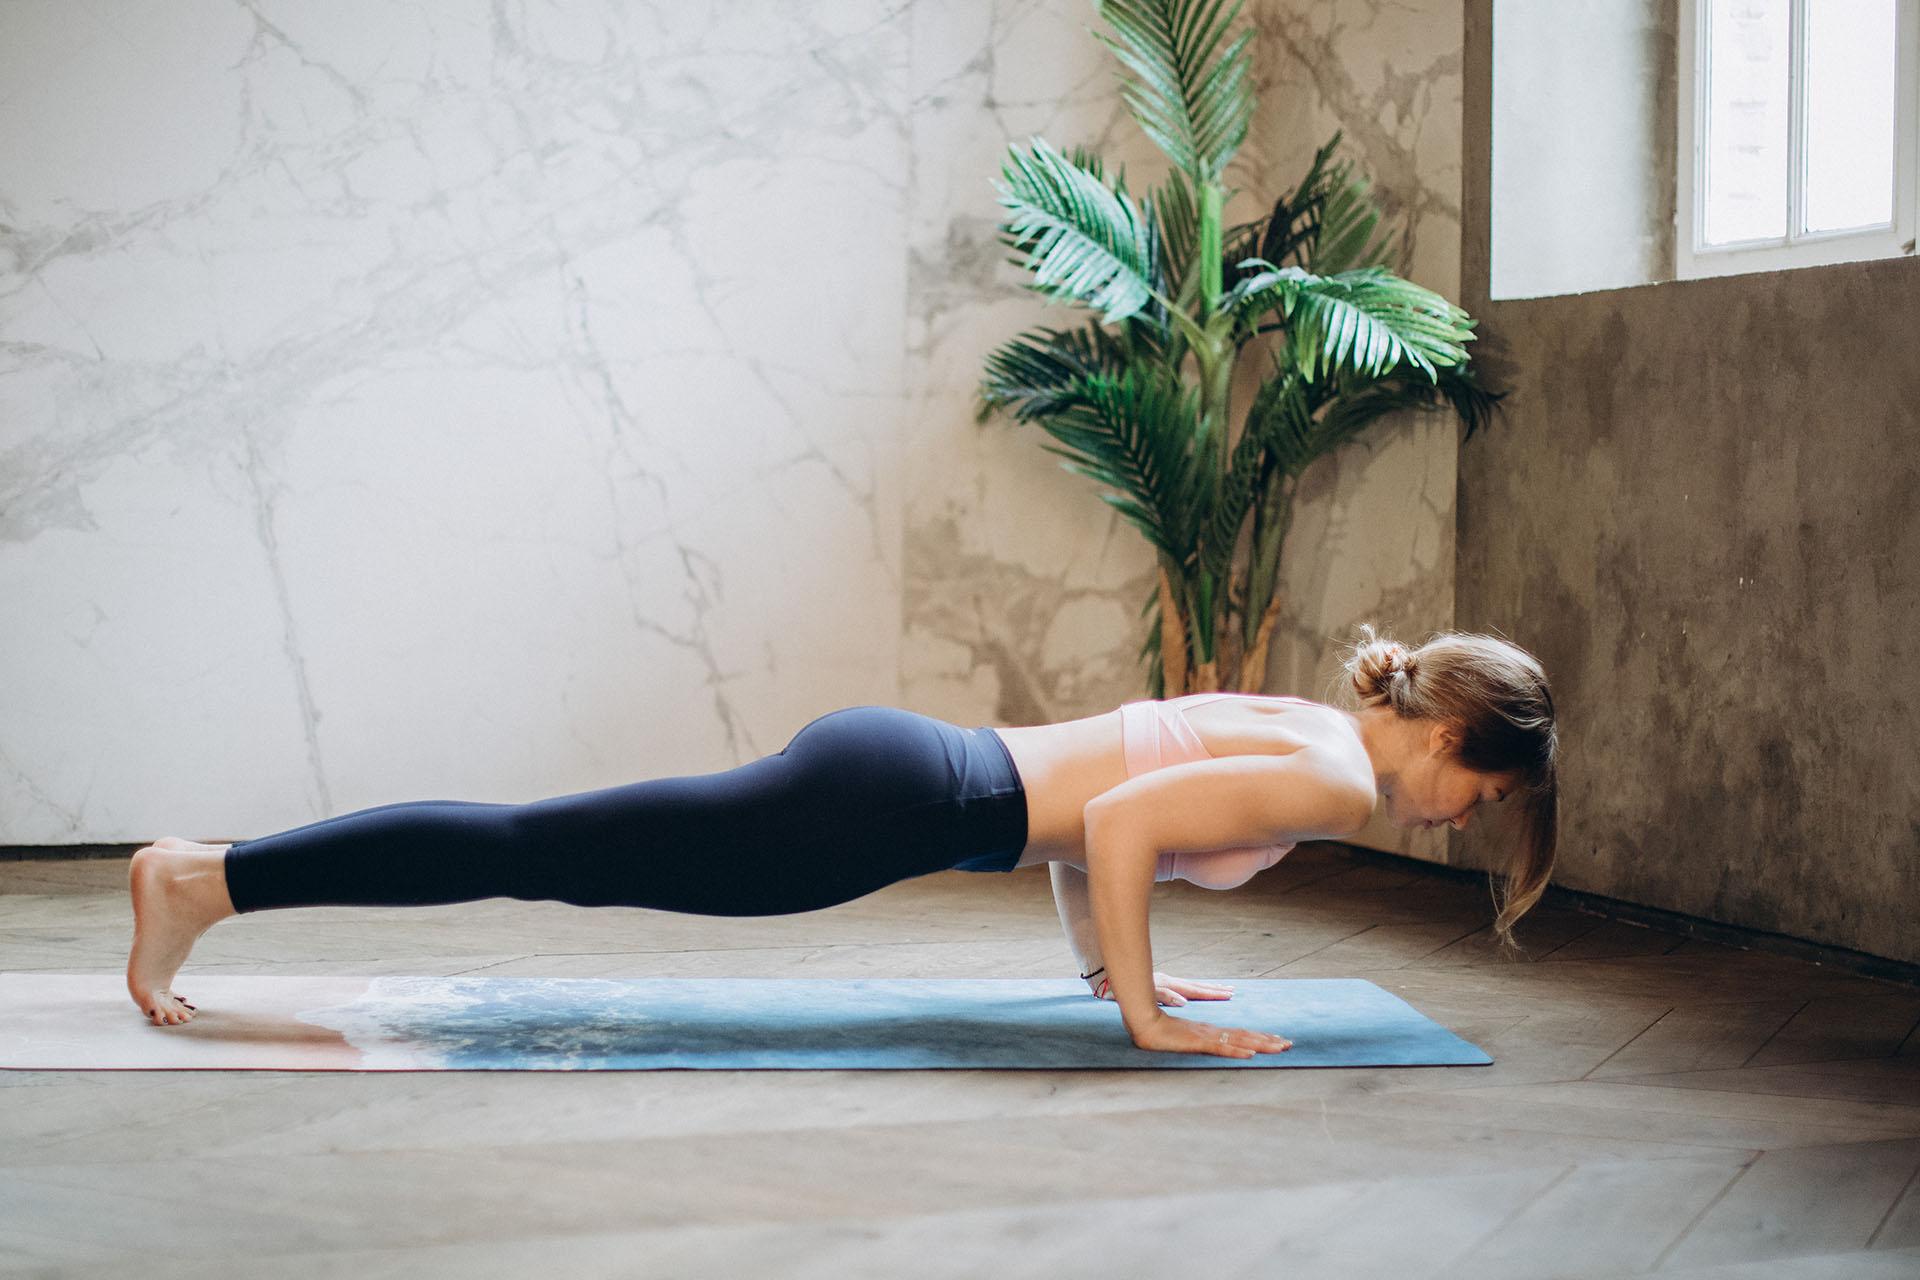 Ein Workout für zuhause - schnell und unkompliziert